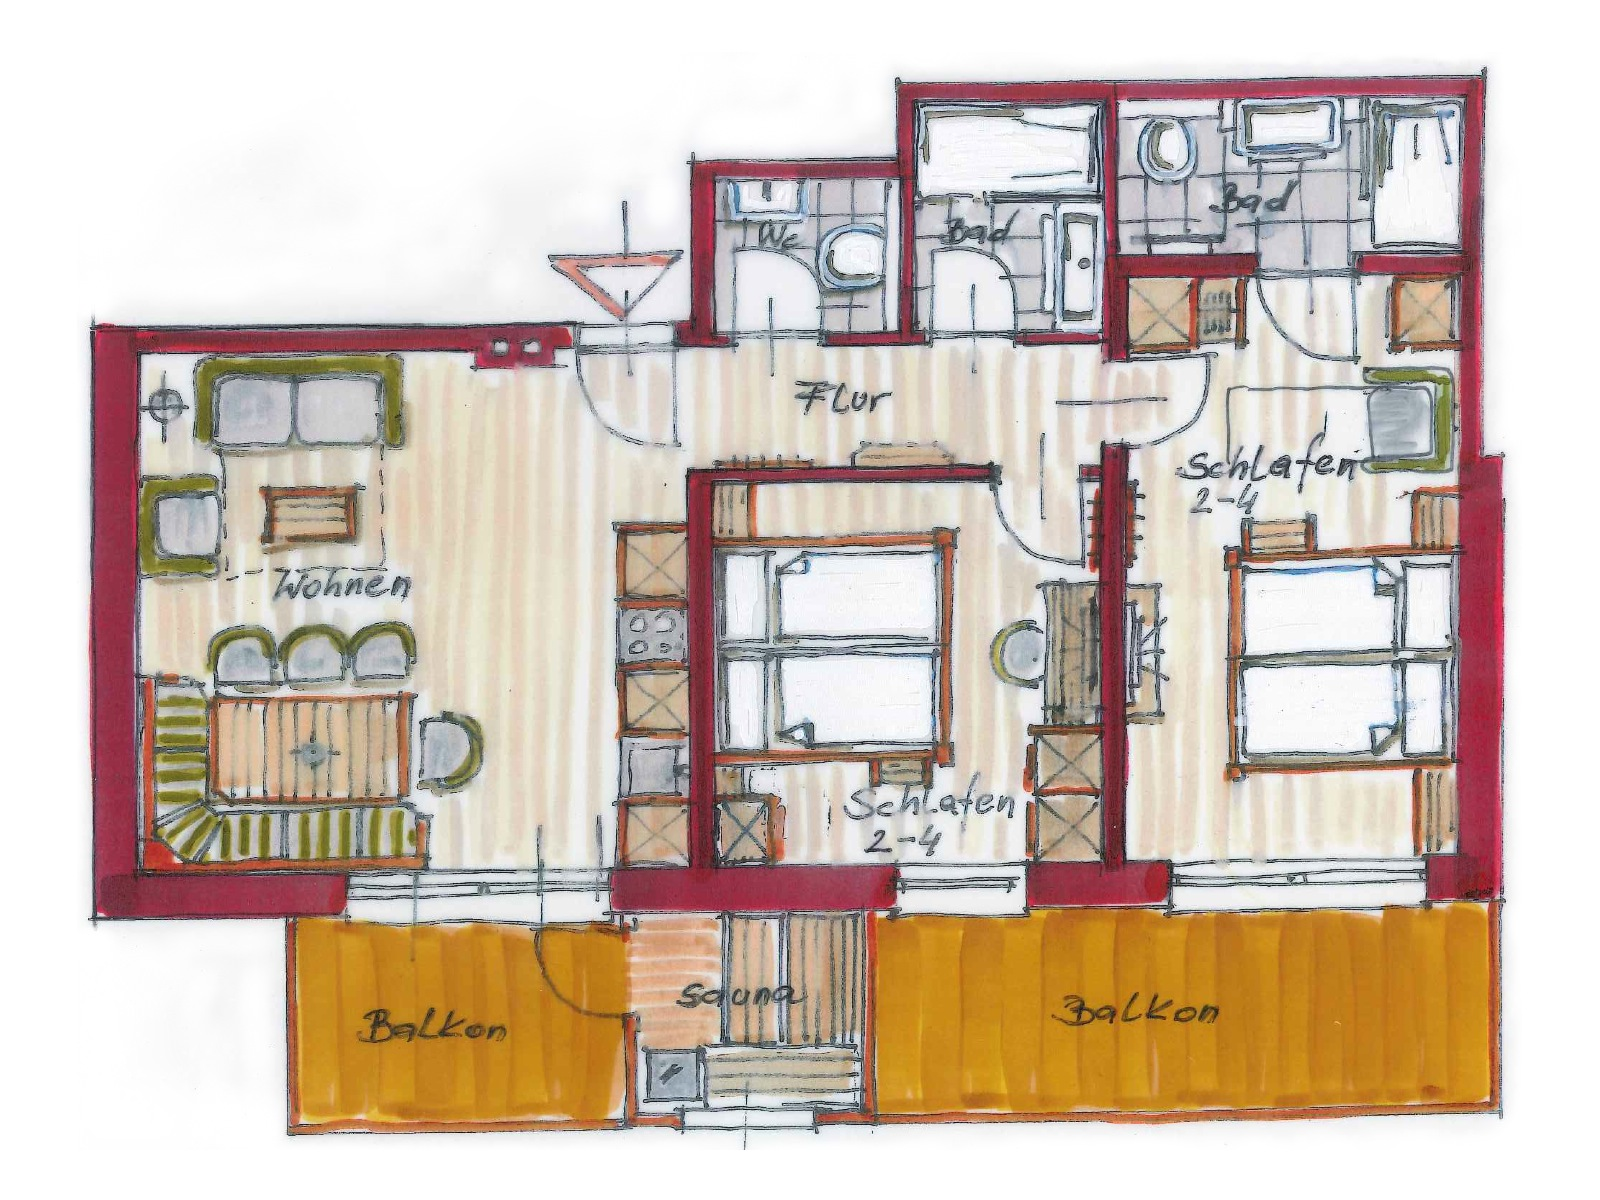 Das Kleinarl - Lodge Jaegersee und Ennskraxn